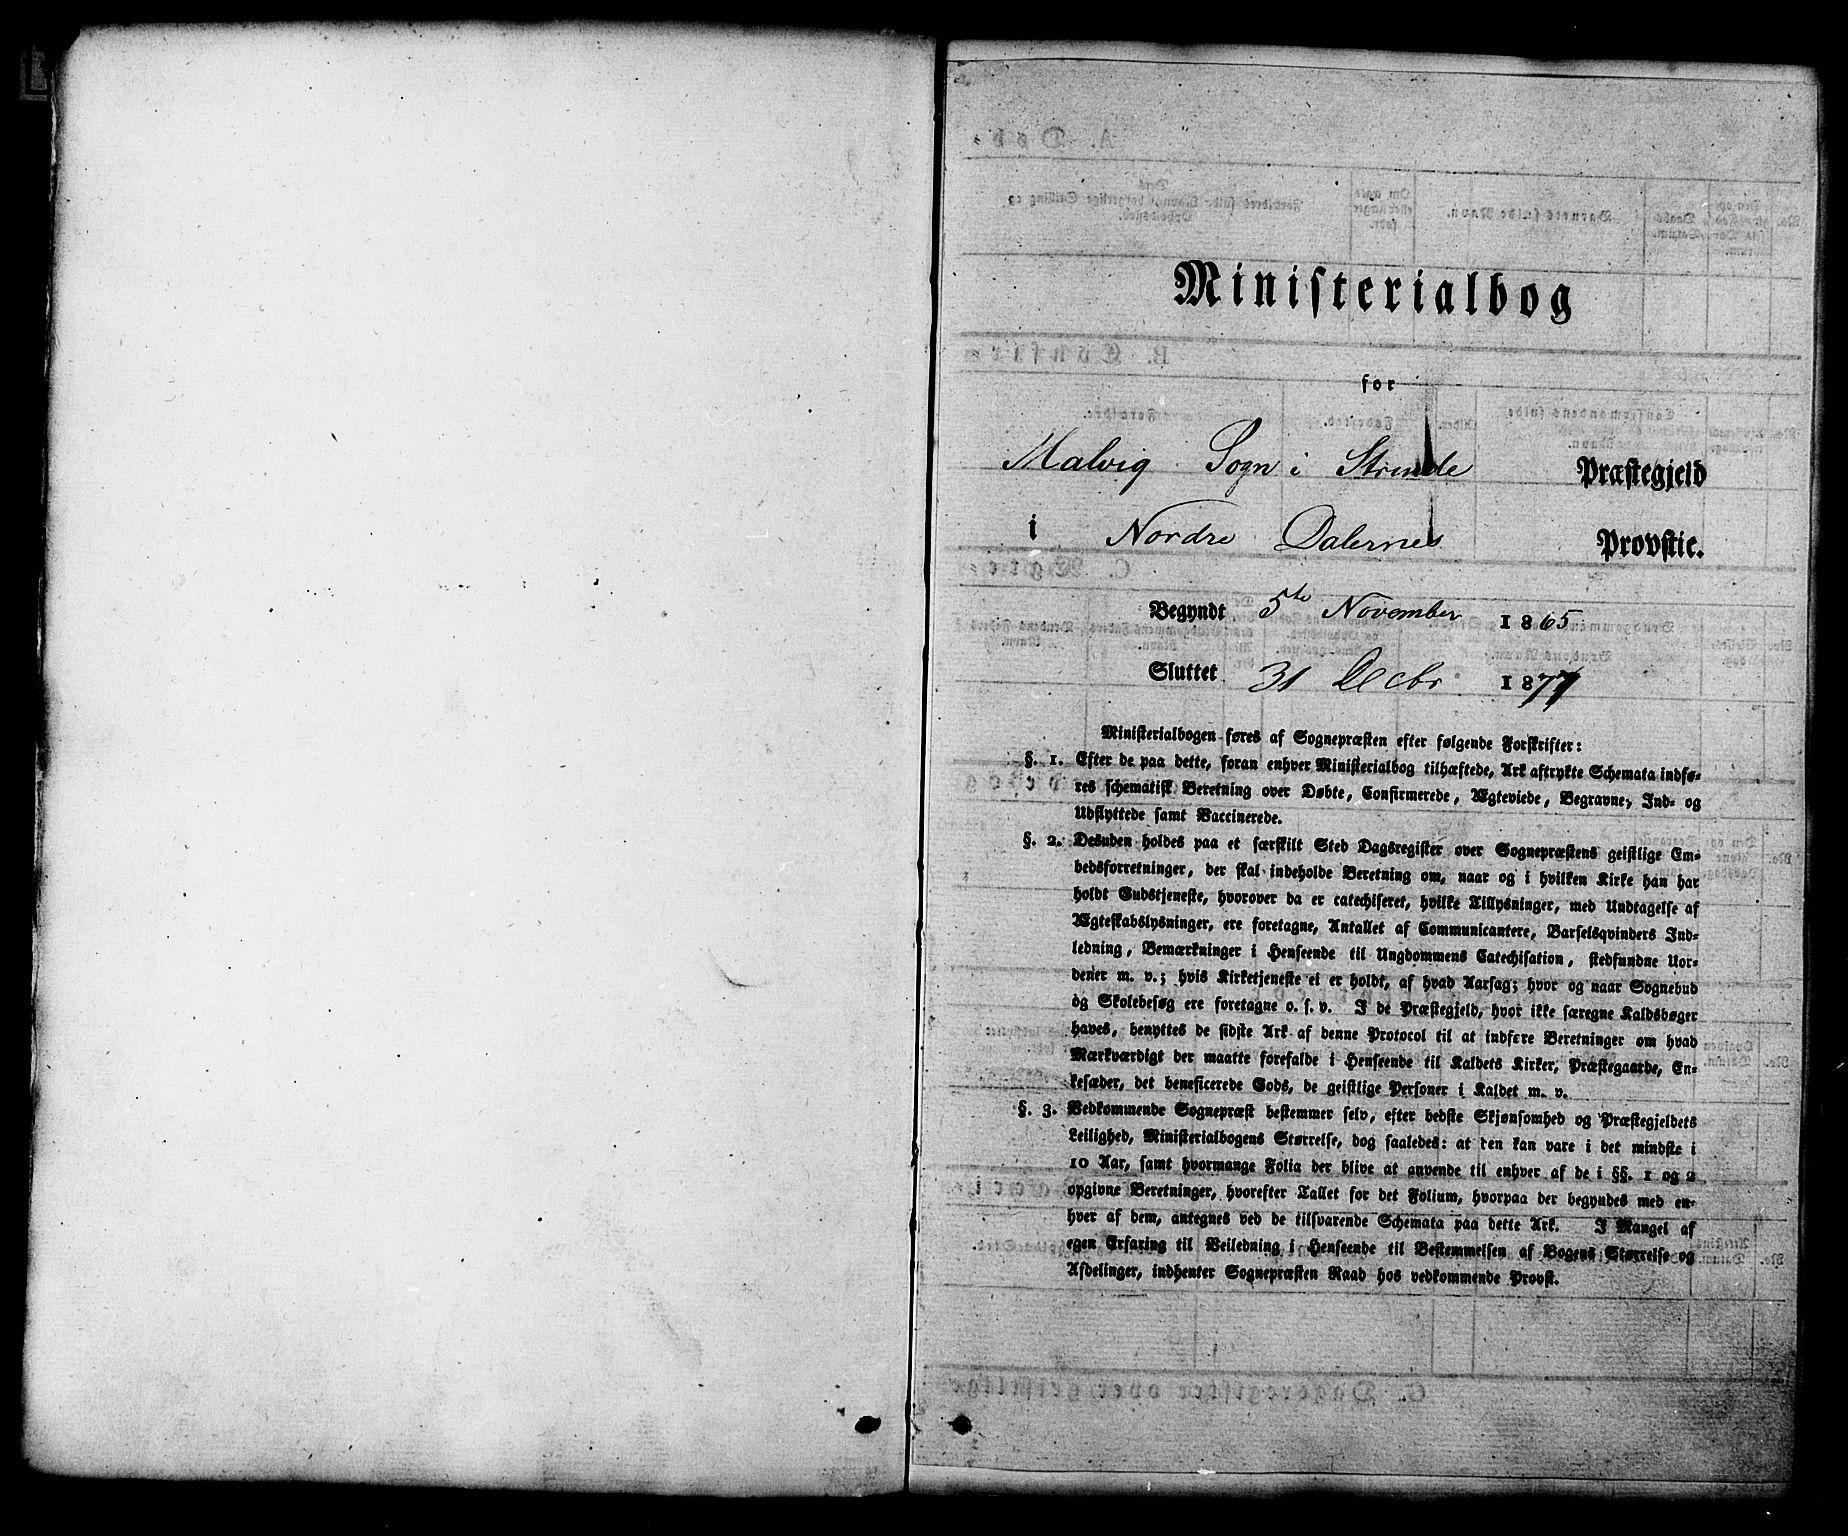 SAT, Ministerialprotokoller, klokkerbøker og fødselsregistre - Sør-Trøndelag, 616/L0409: Ministerialbok nr. 616A06, 1865-1877